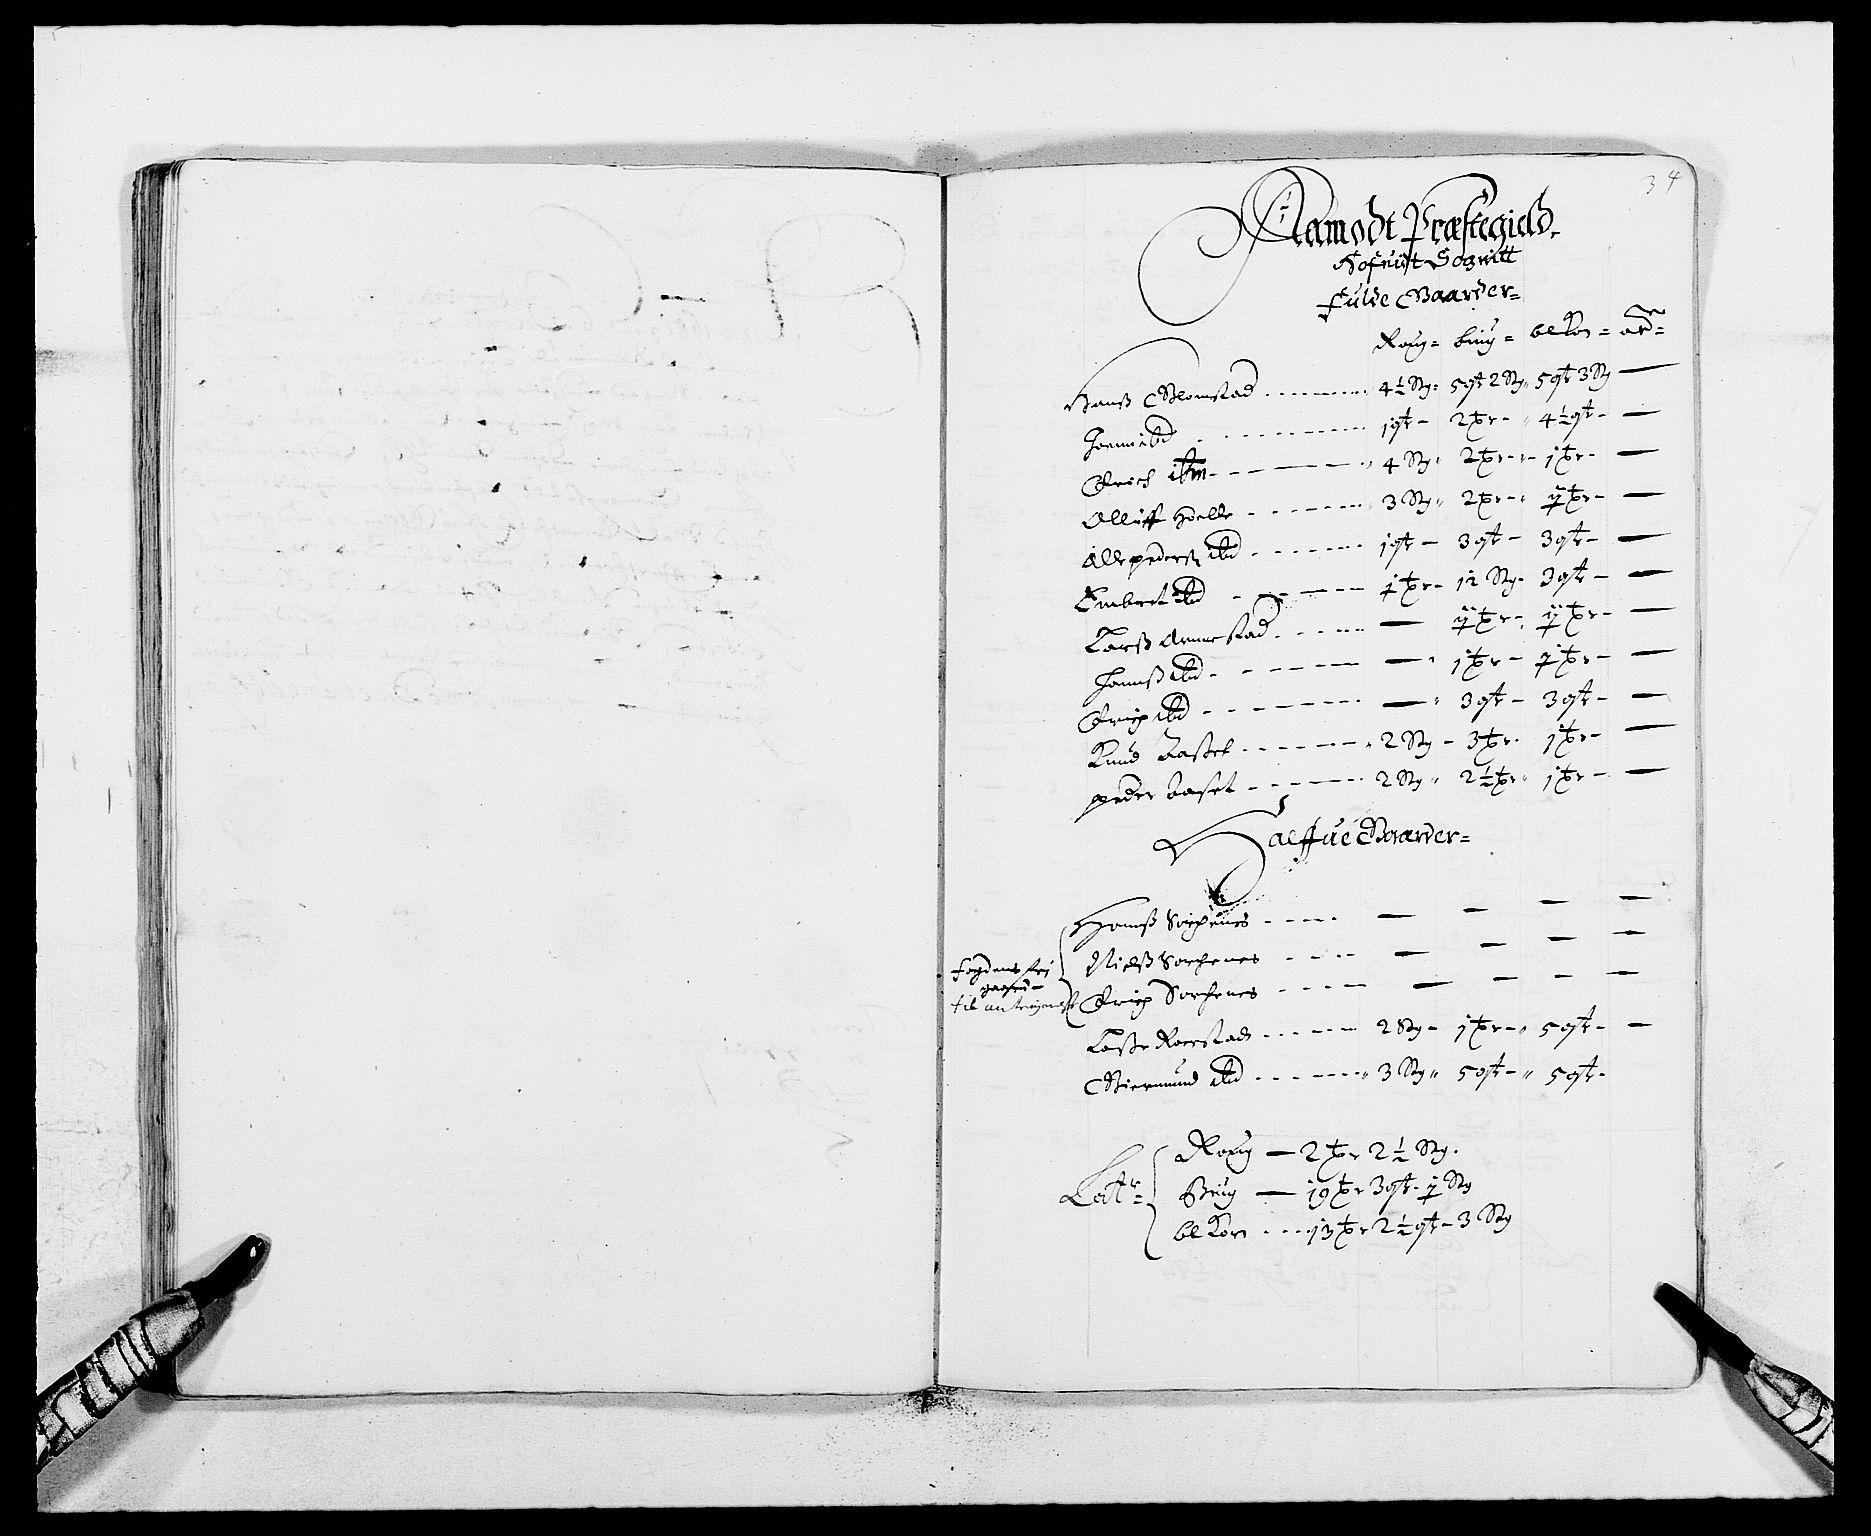 RA, Rentekammeret inntil 1814, Reviderte regnskaper, Fogderegnskap, R13/L0818: Fogderegnskap Solør, Odal og Østerdal, 1681, s. 191